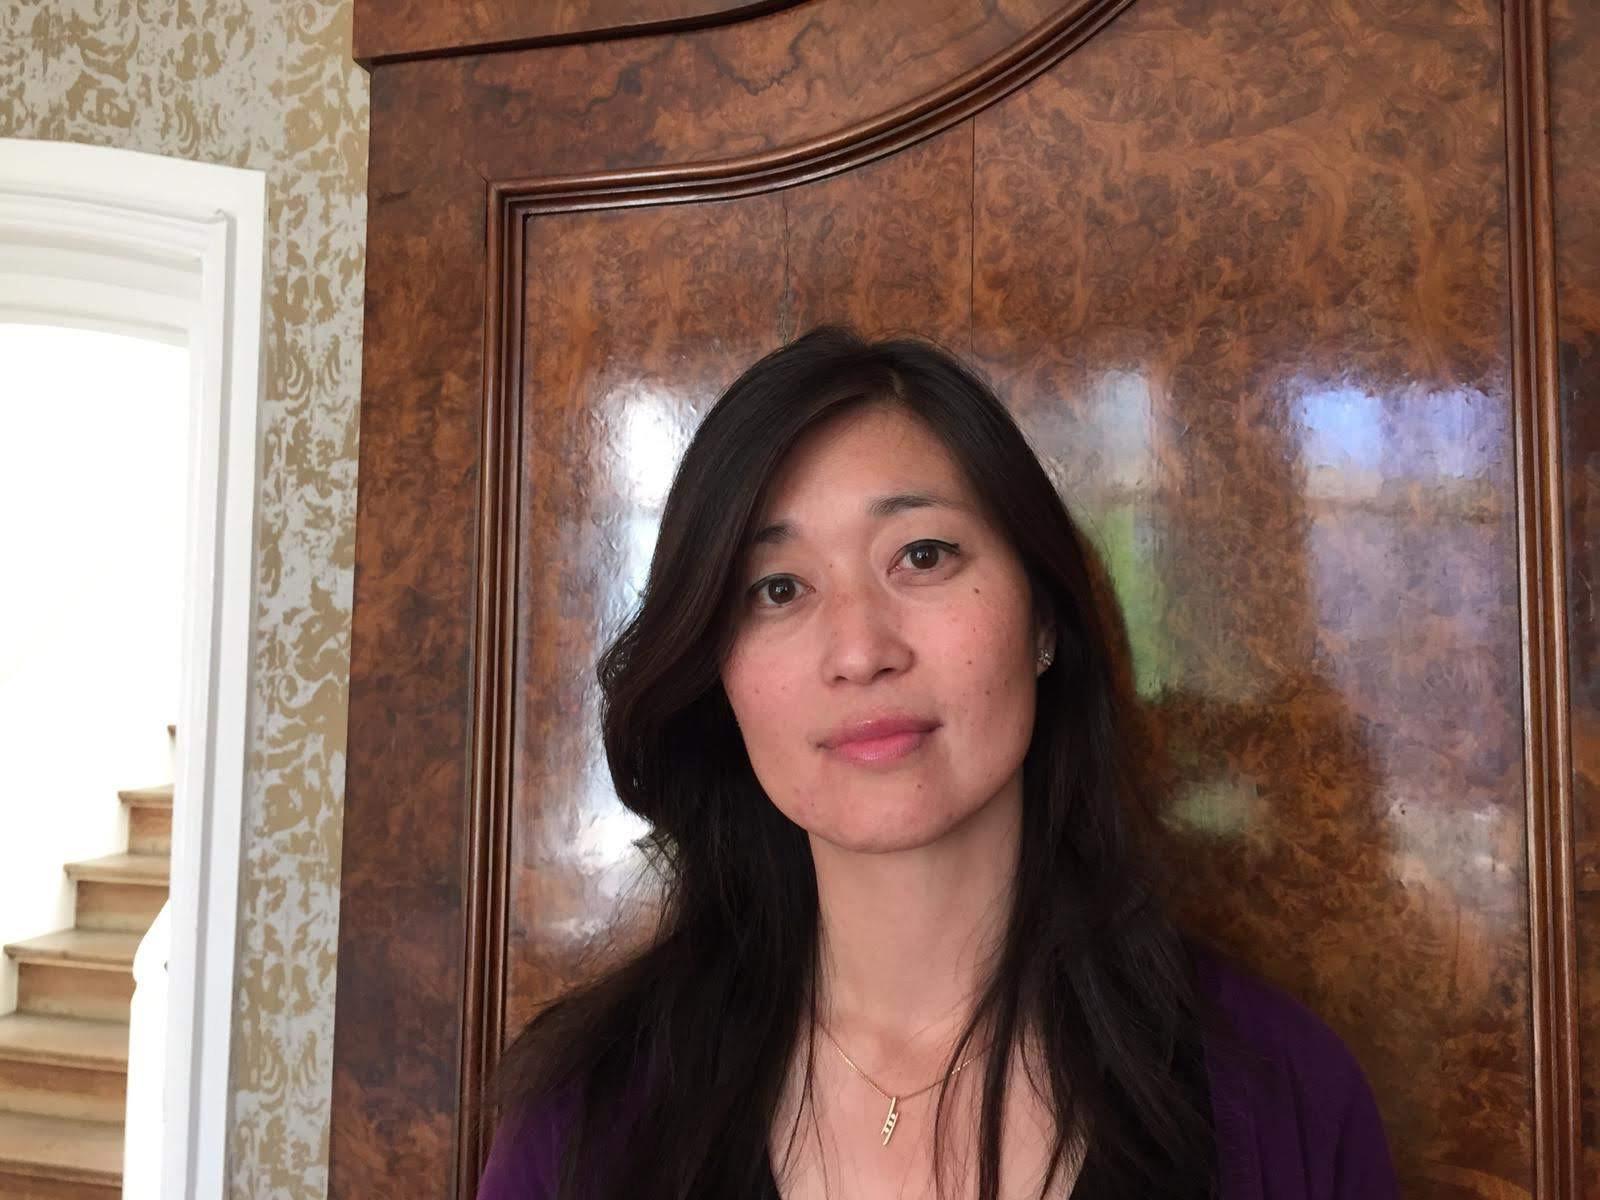 deelnemer Kim Verhaaf